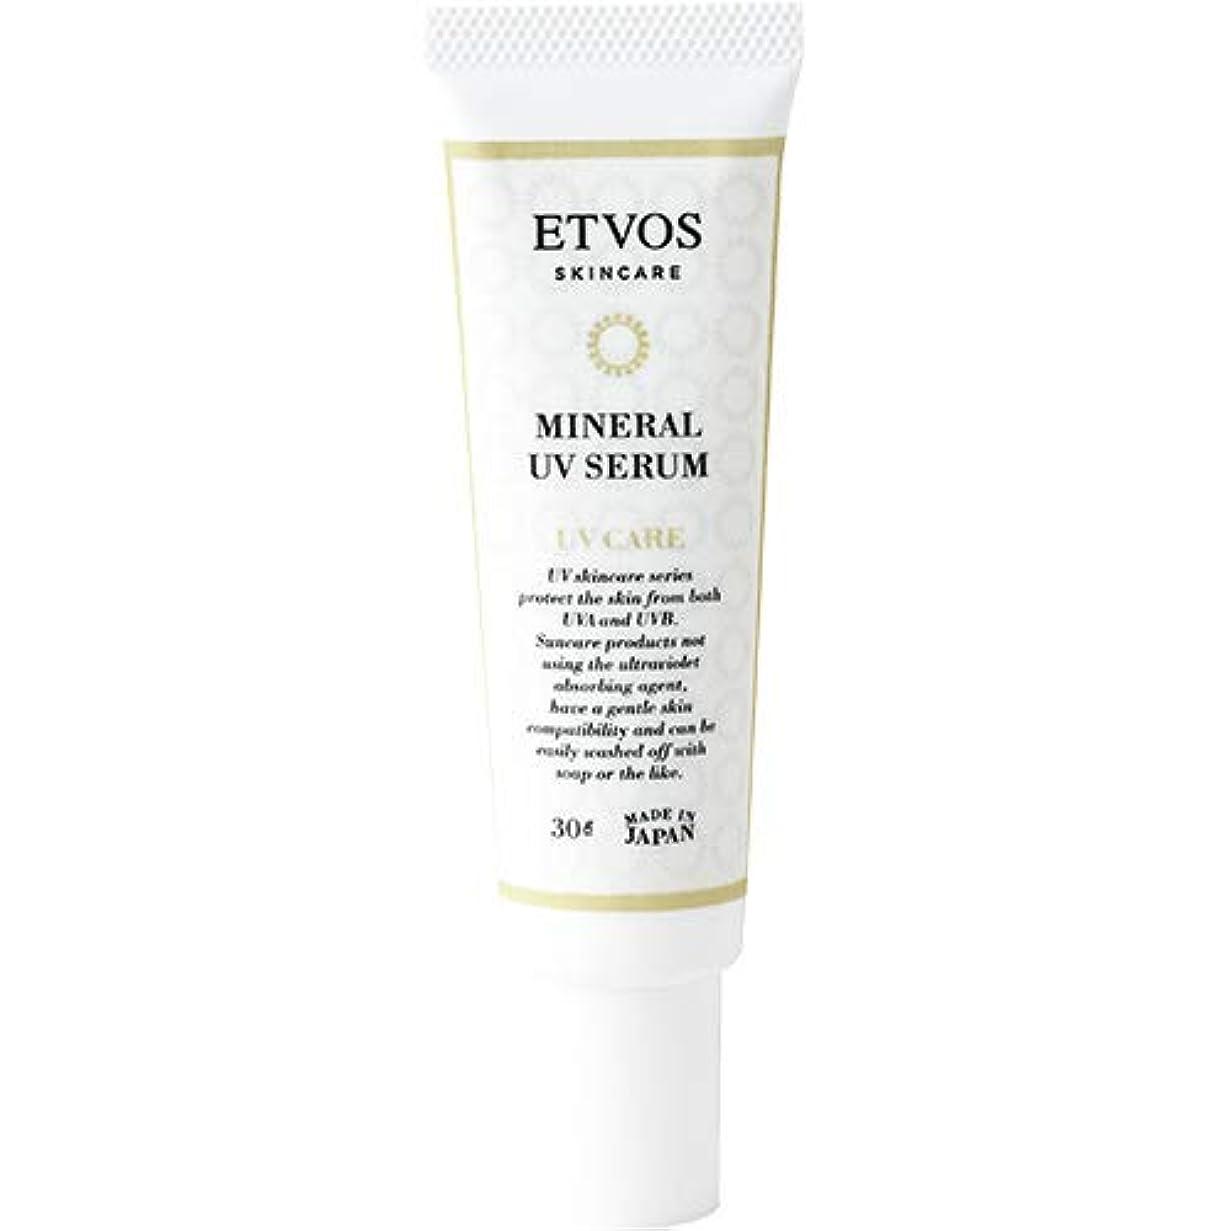 選択する試験シャイニングETVOS(エトヴォス) 日焼け止め美容液 ミネラルUVセラム SPF35/PA+++ 30g 化粧下地 紫外線吸収剤不使用